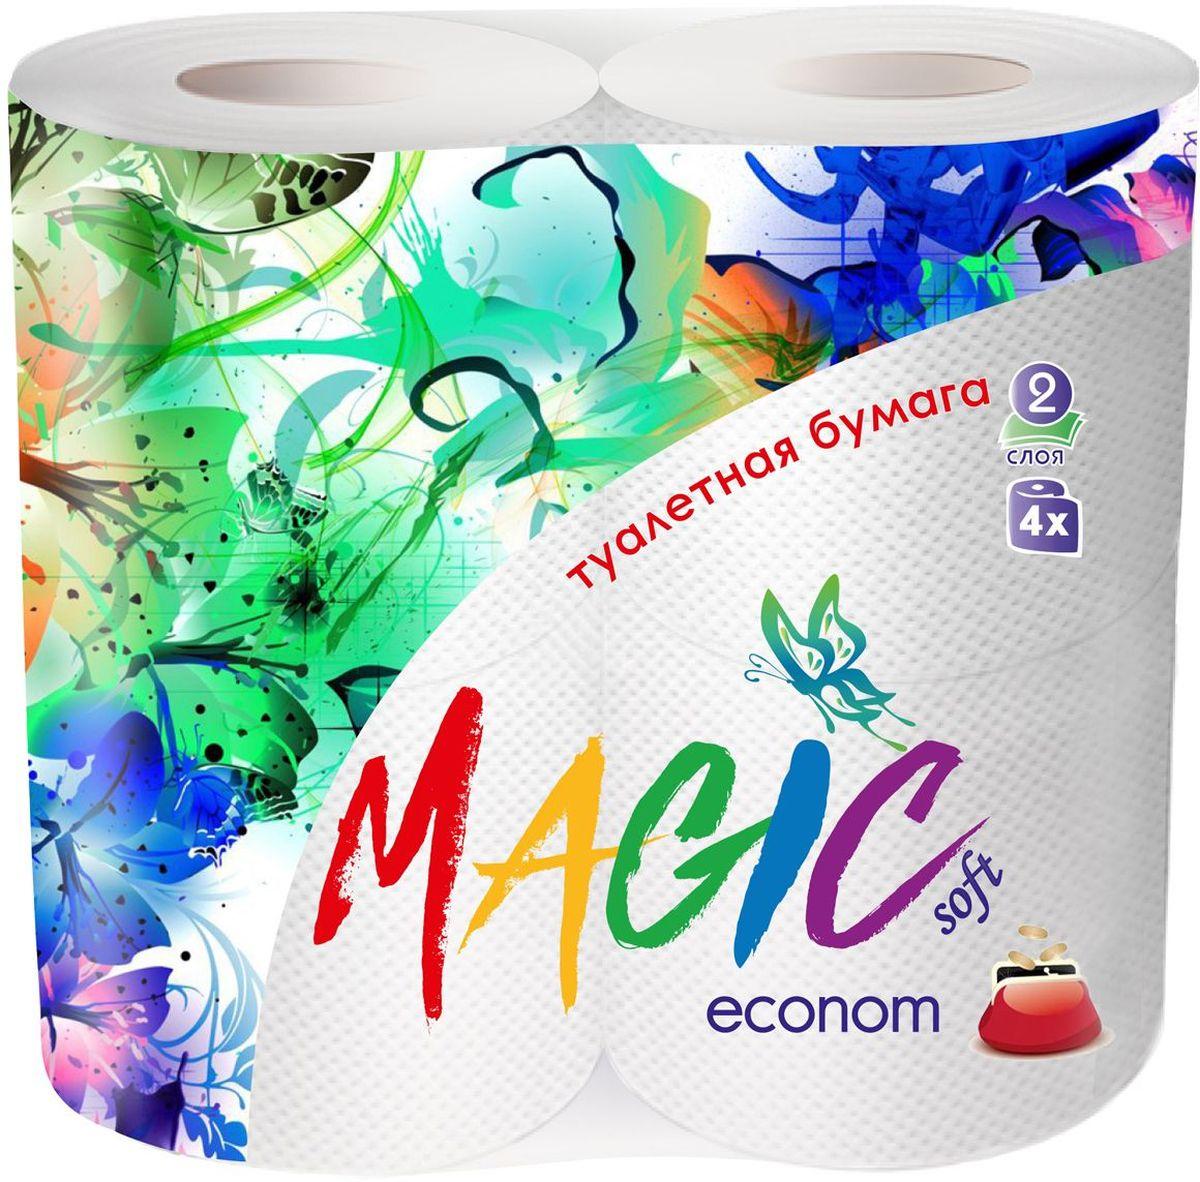 Туалетная бумага Magic Soft Econom, цвет: белый, 4 рулона20195Для бытового и санитарно-гигиенического назначения. Одноразового использования.